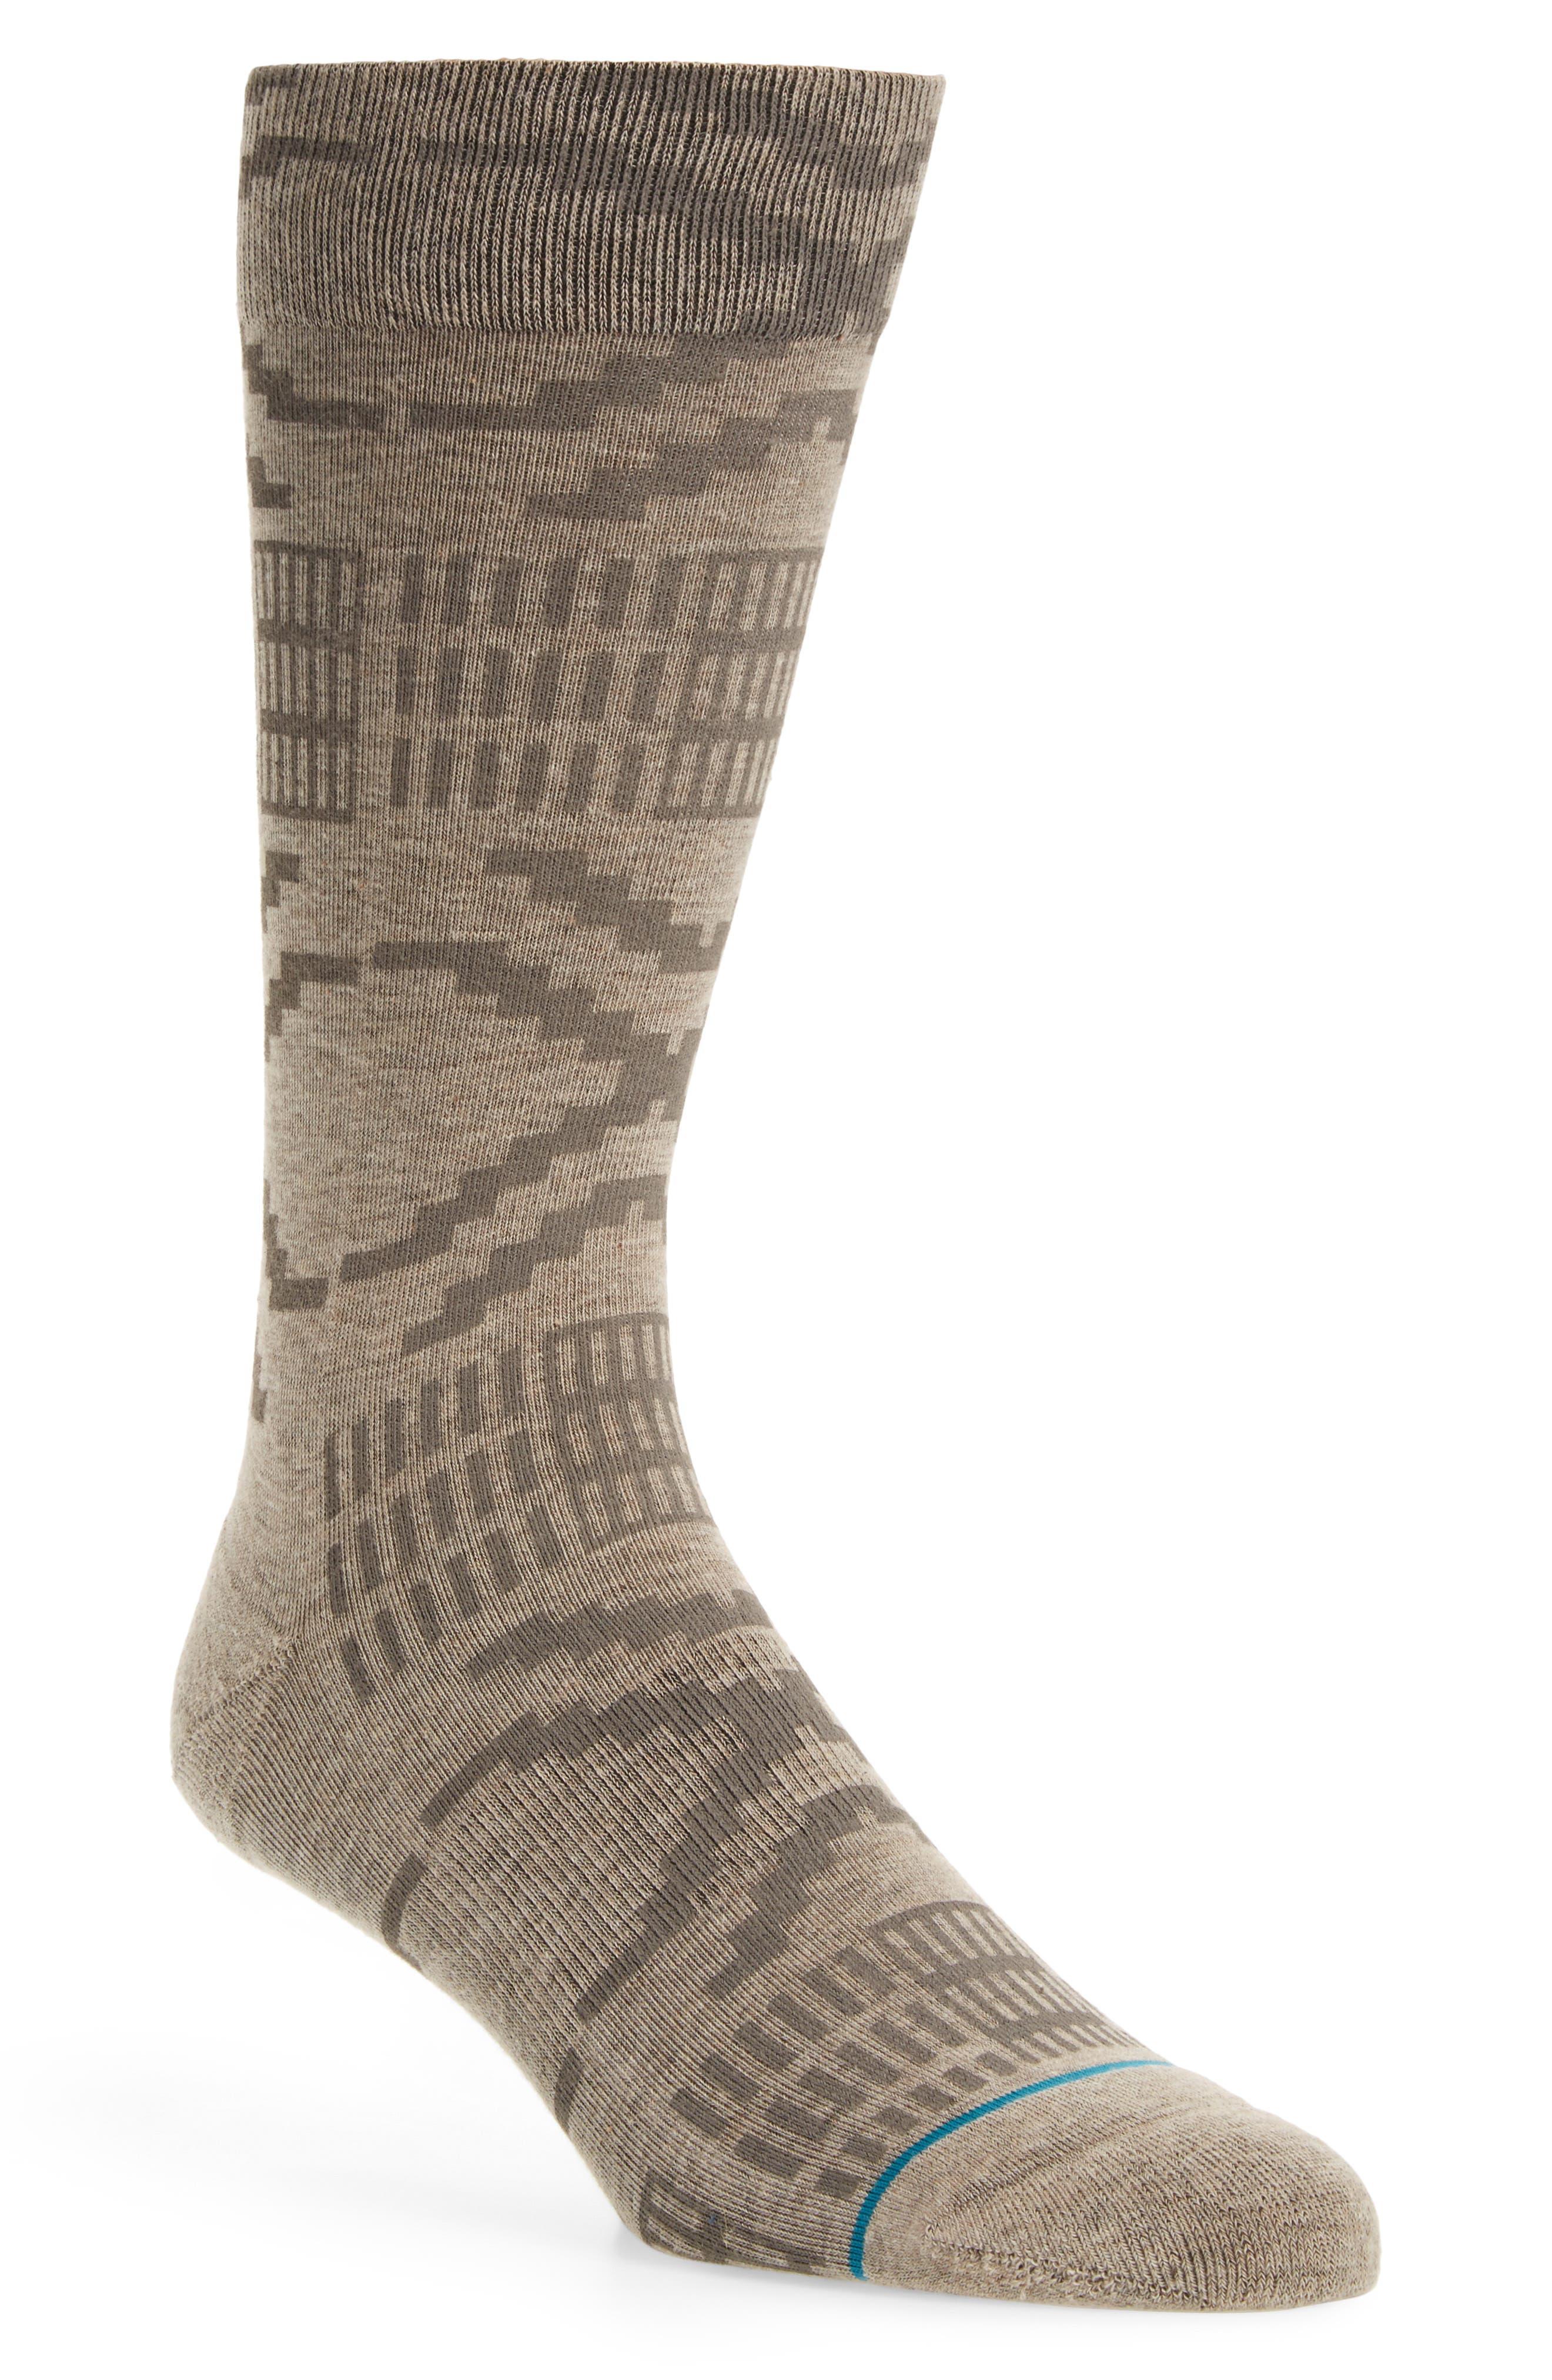 Geometric Socks,                             Main thumbnail 1, color,                             Dark Roast